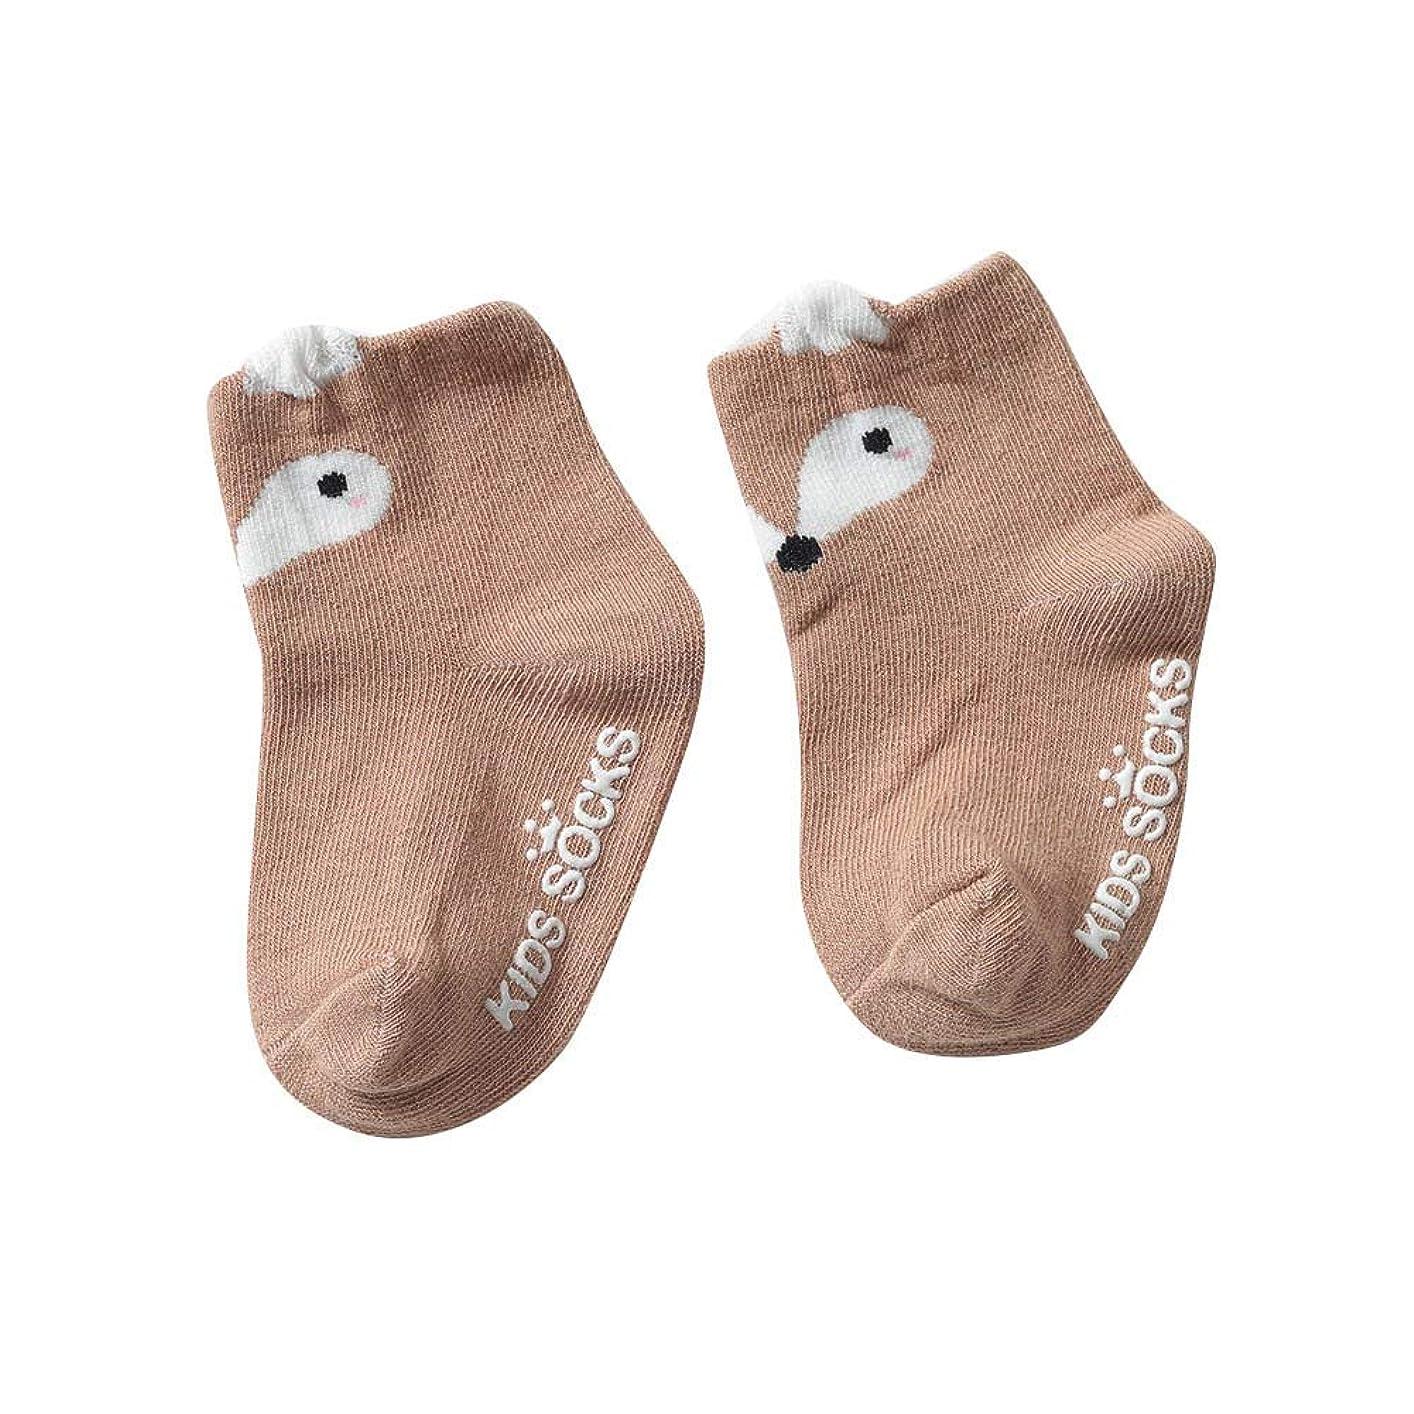 触手の間に進化ソックス幼児のソックス幼児新生児漫画動物パターン靴下1ペアアンチスリップソックスフロアソックス男の子女の子用ソックス